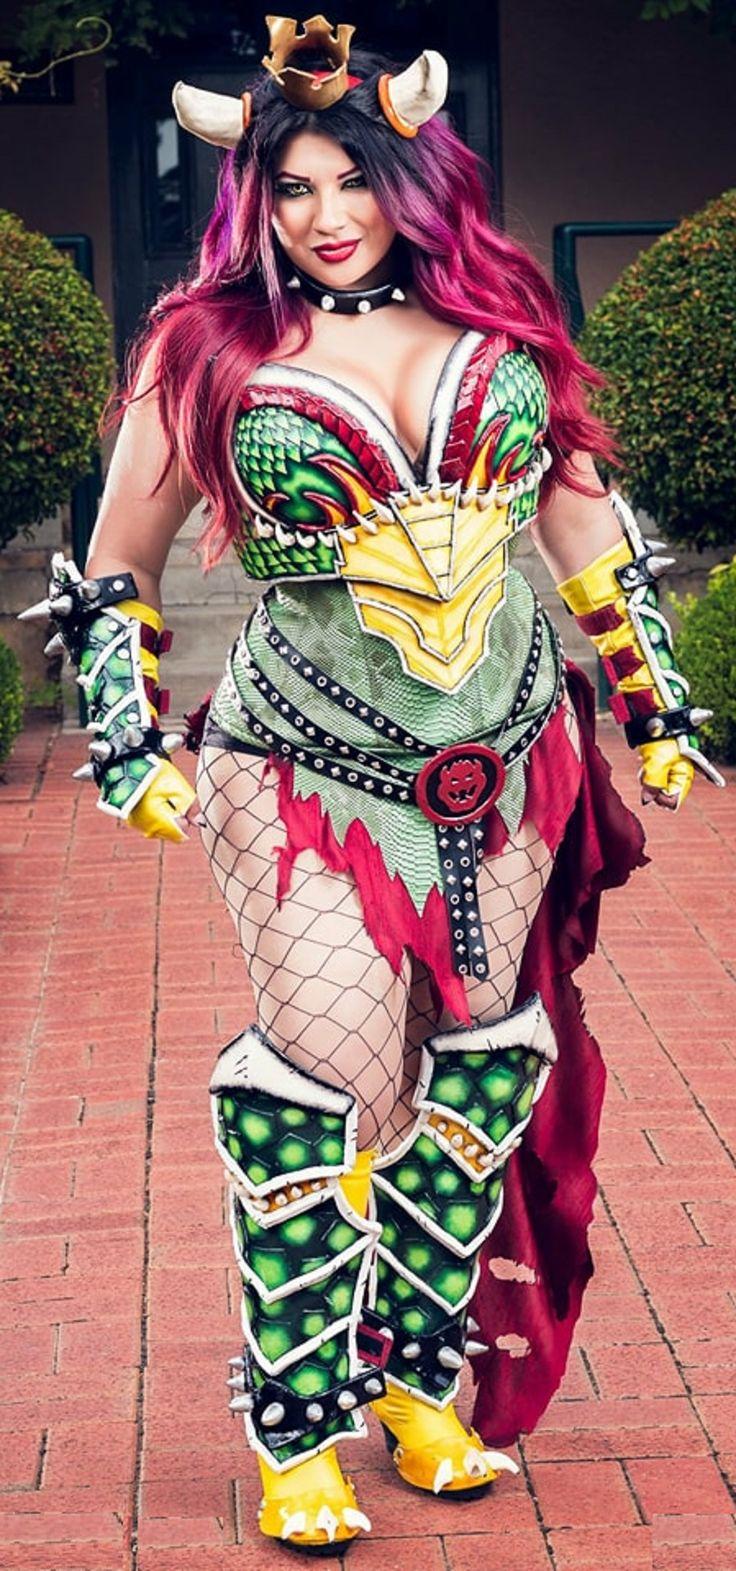 Body positive cosplay appreciation